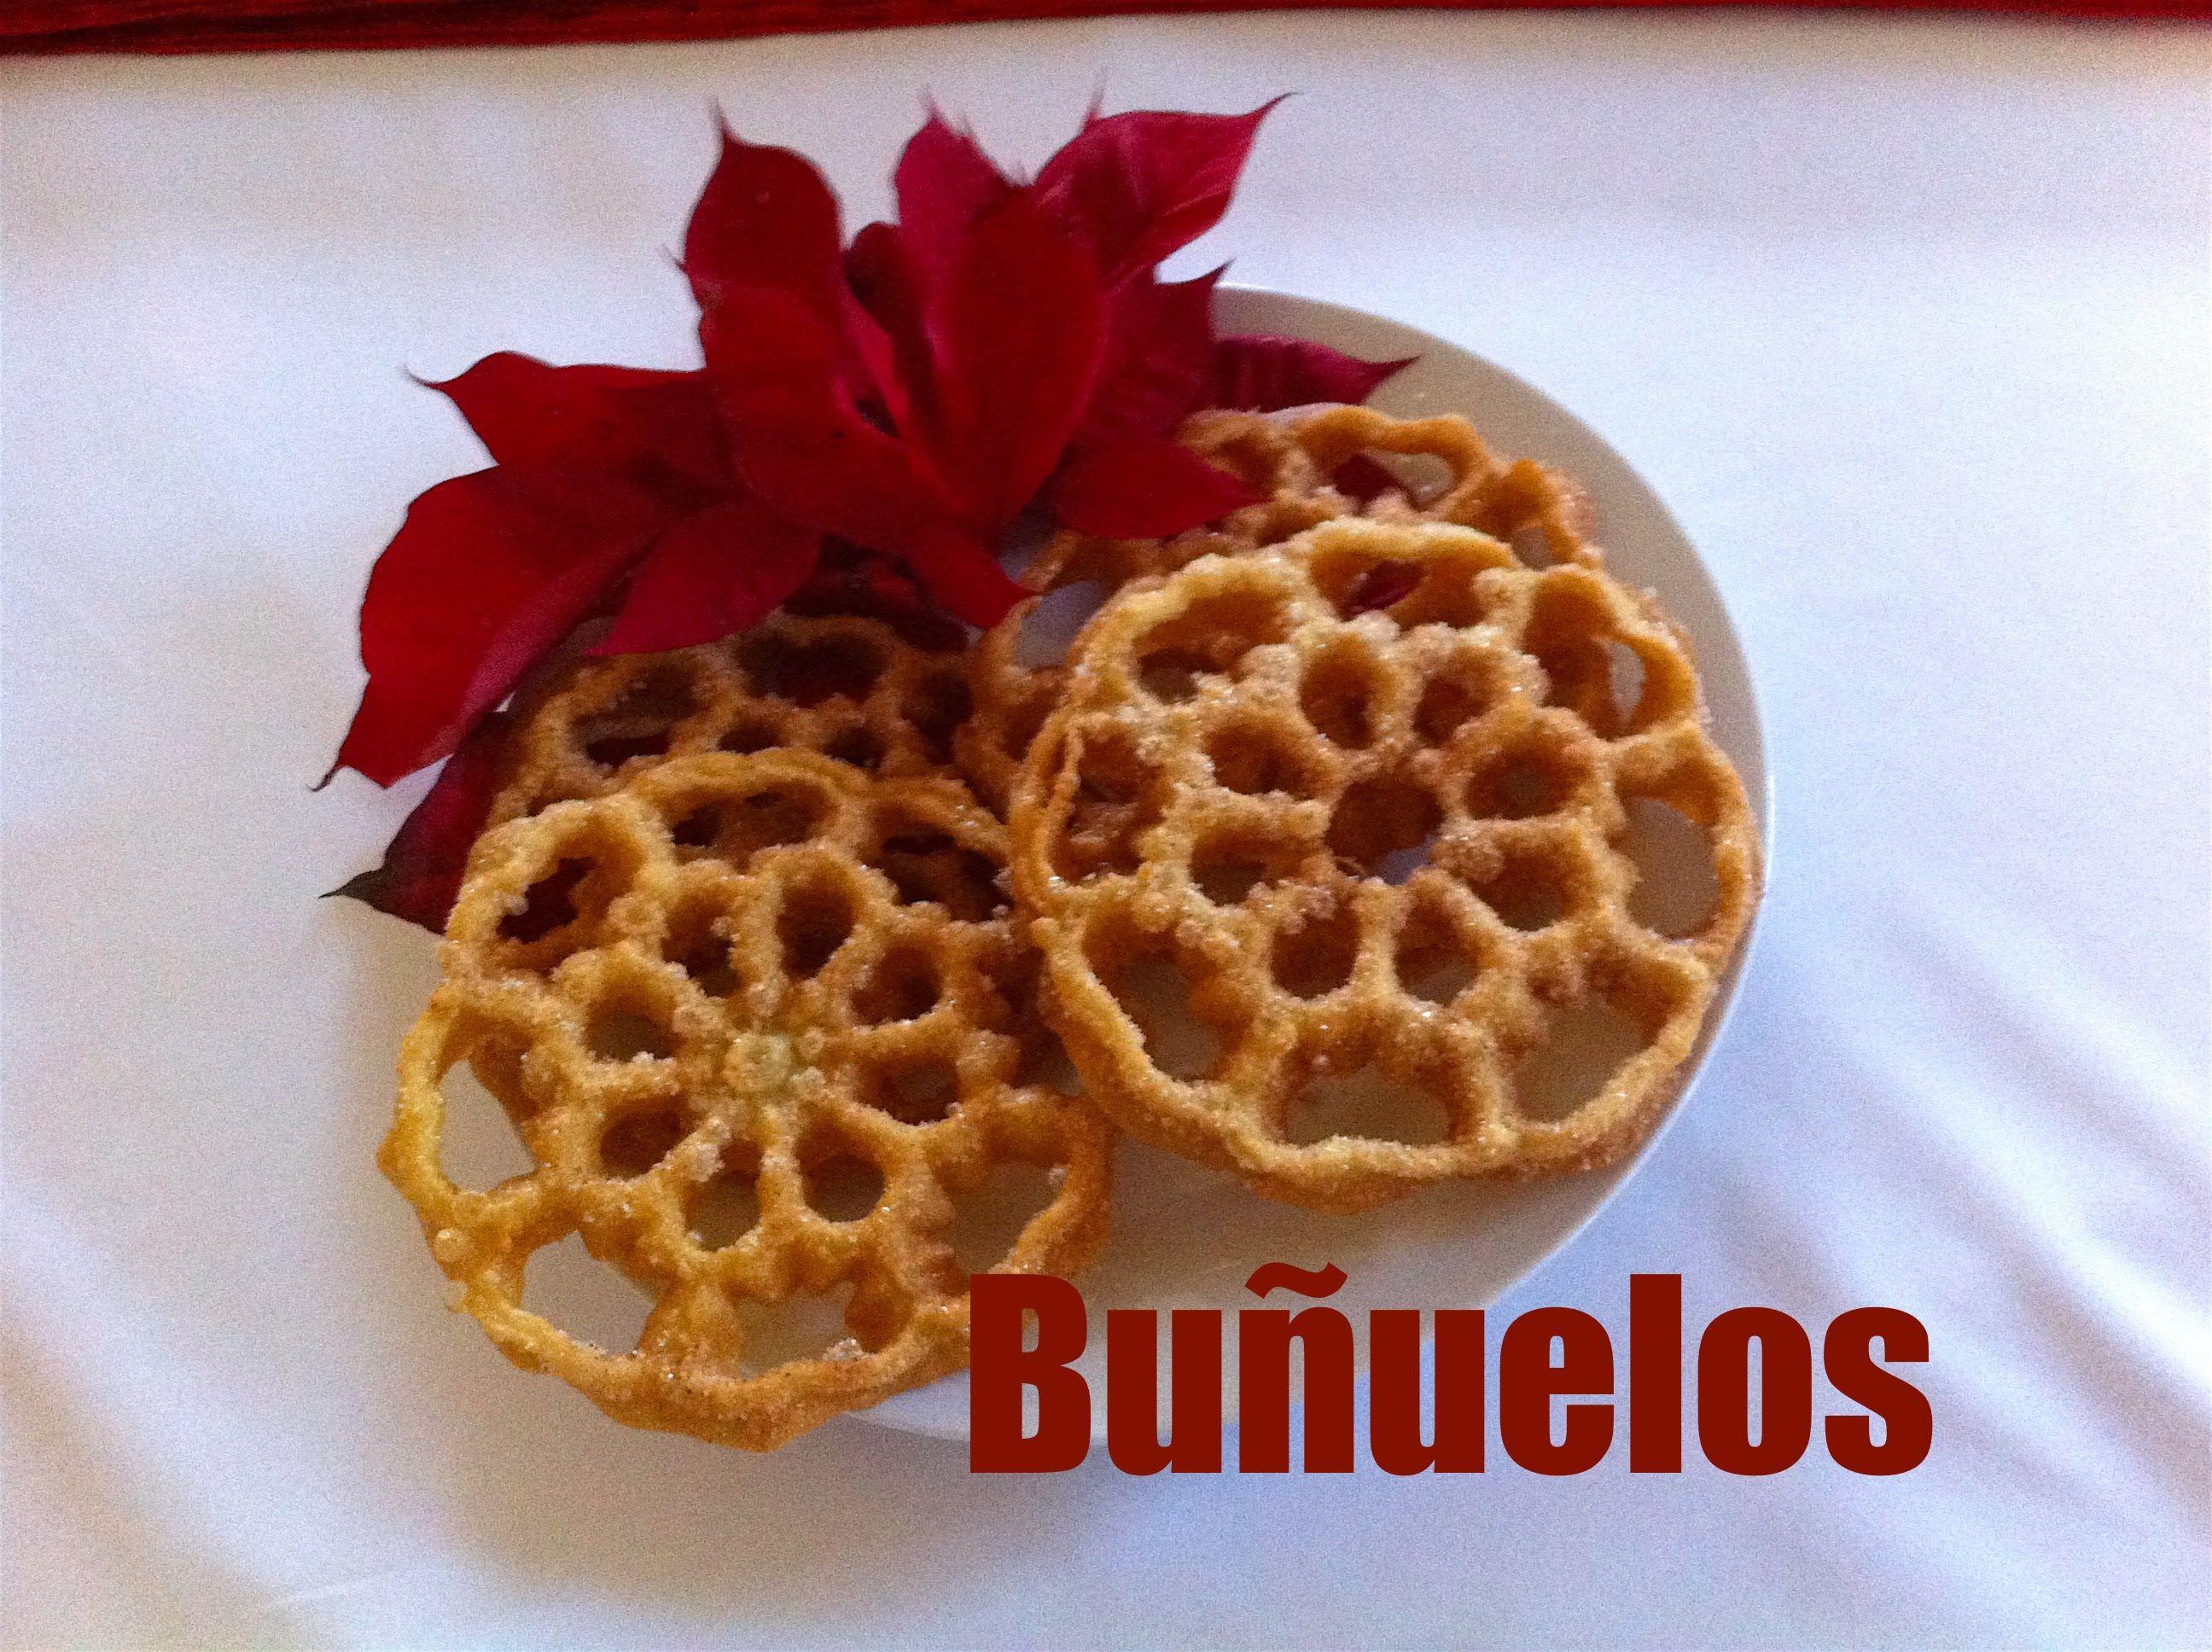 Mexican bunuelos recipe how to make buuelos mexican food recipes food mexican bunuelos recipe forumfinder Gallery